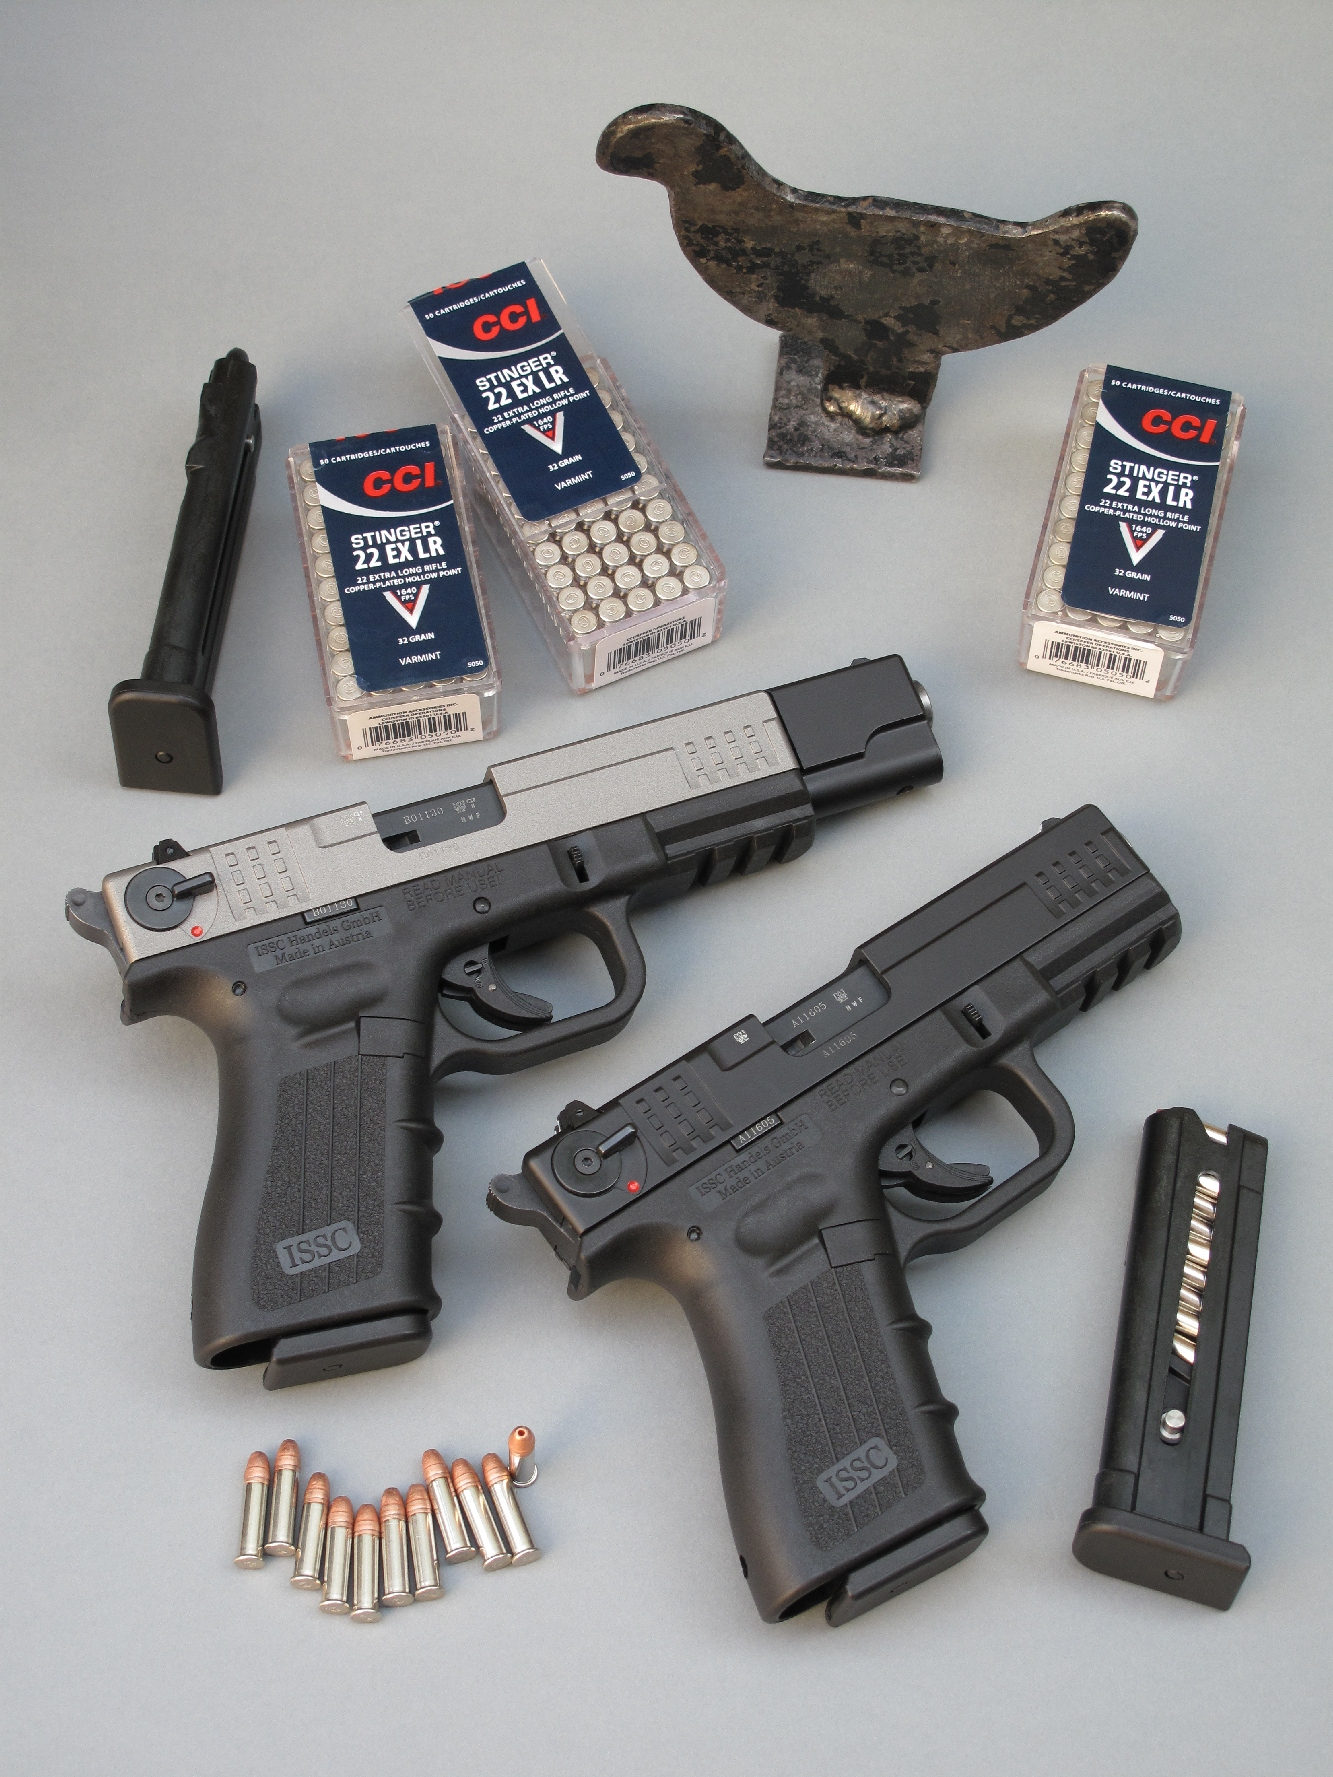 Les pistolets ISSC M22 modèles Standard et Target sont accompagnés ici par leur chargeur de secours, quelques boîtes de munitions CCI « Stinger » de calibre .22 Long Rifle à très haute vitesse et une mini-silhouette métallique en acier.